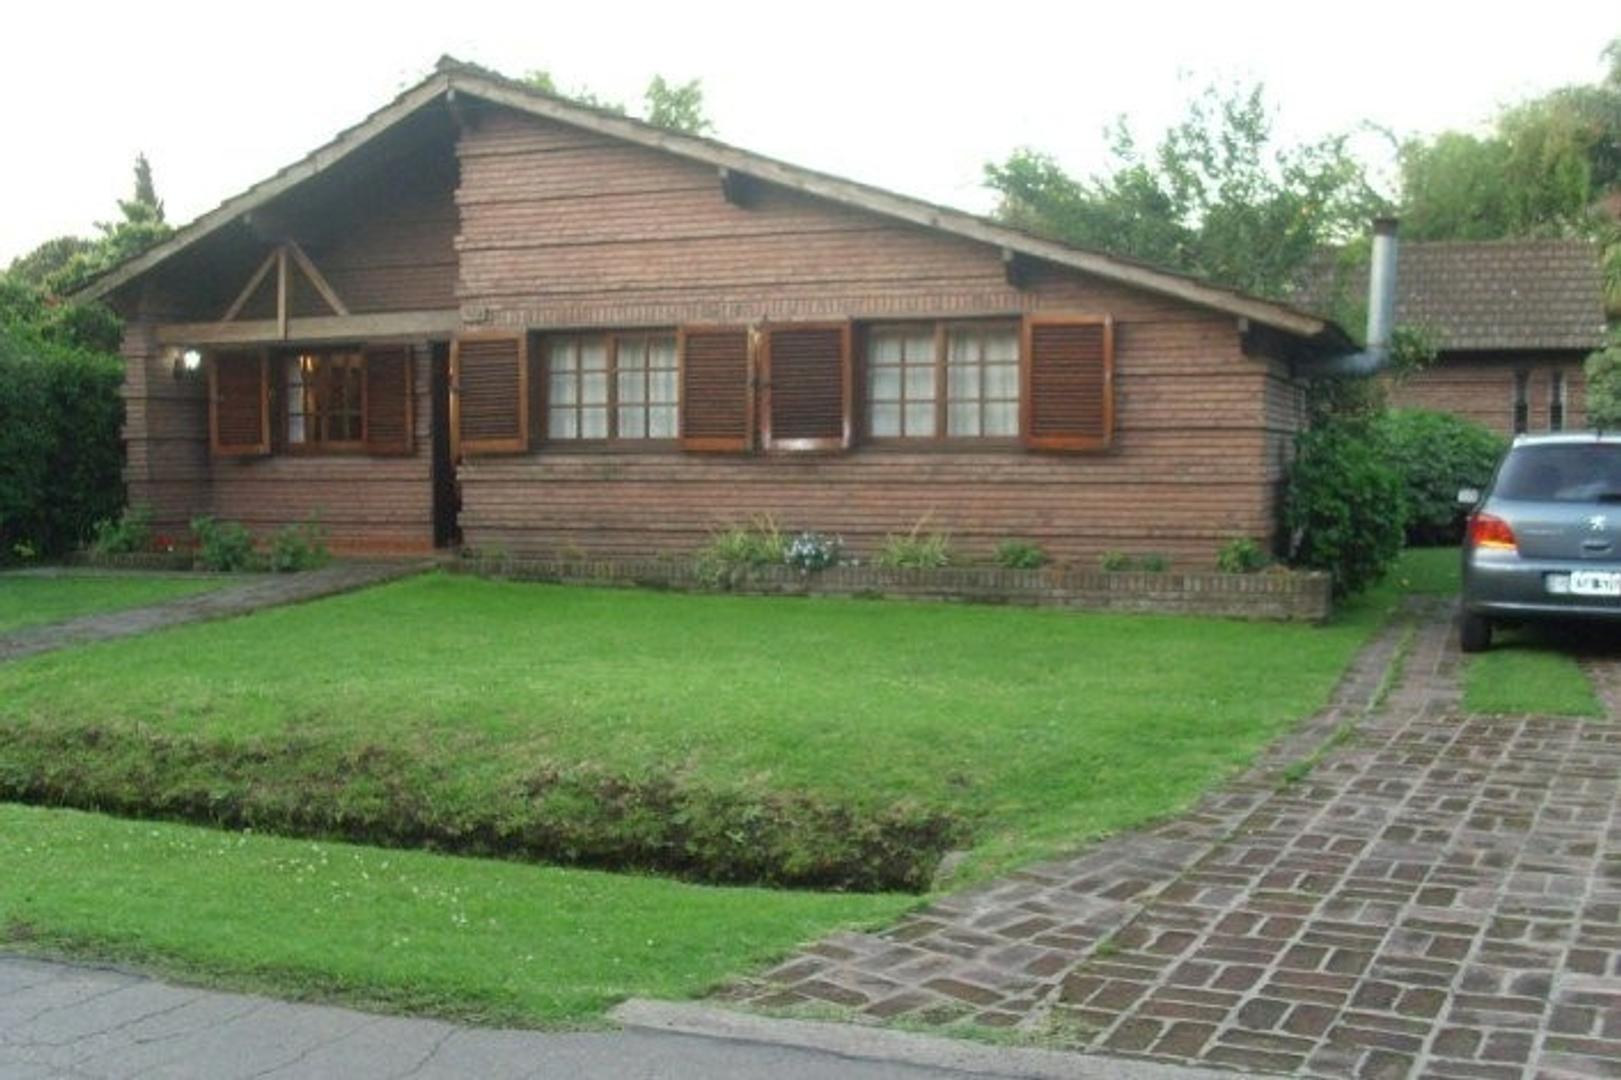 Casa  en Venta ubicado en Miraflores, Escobar y alrededores - PIL1862_LP1784